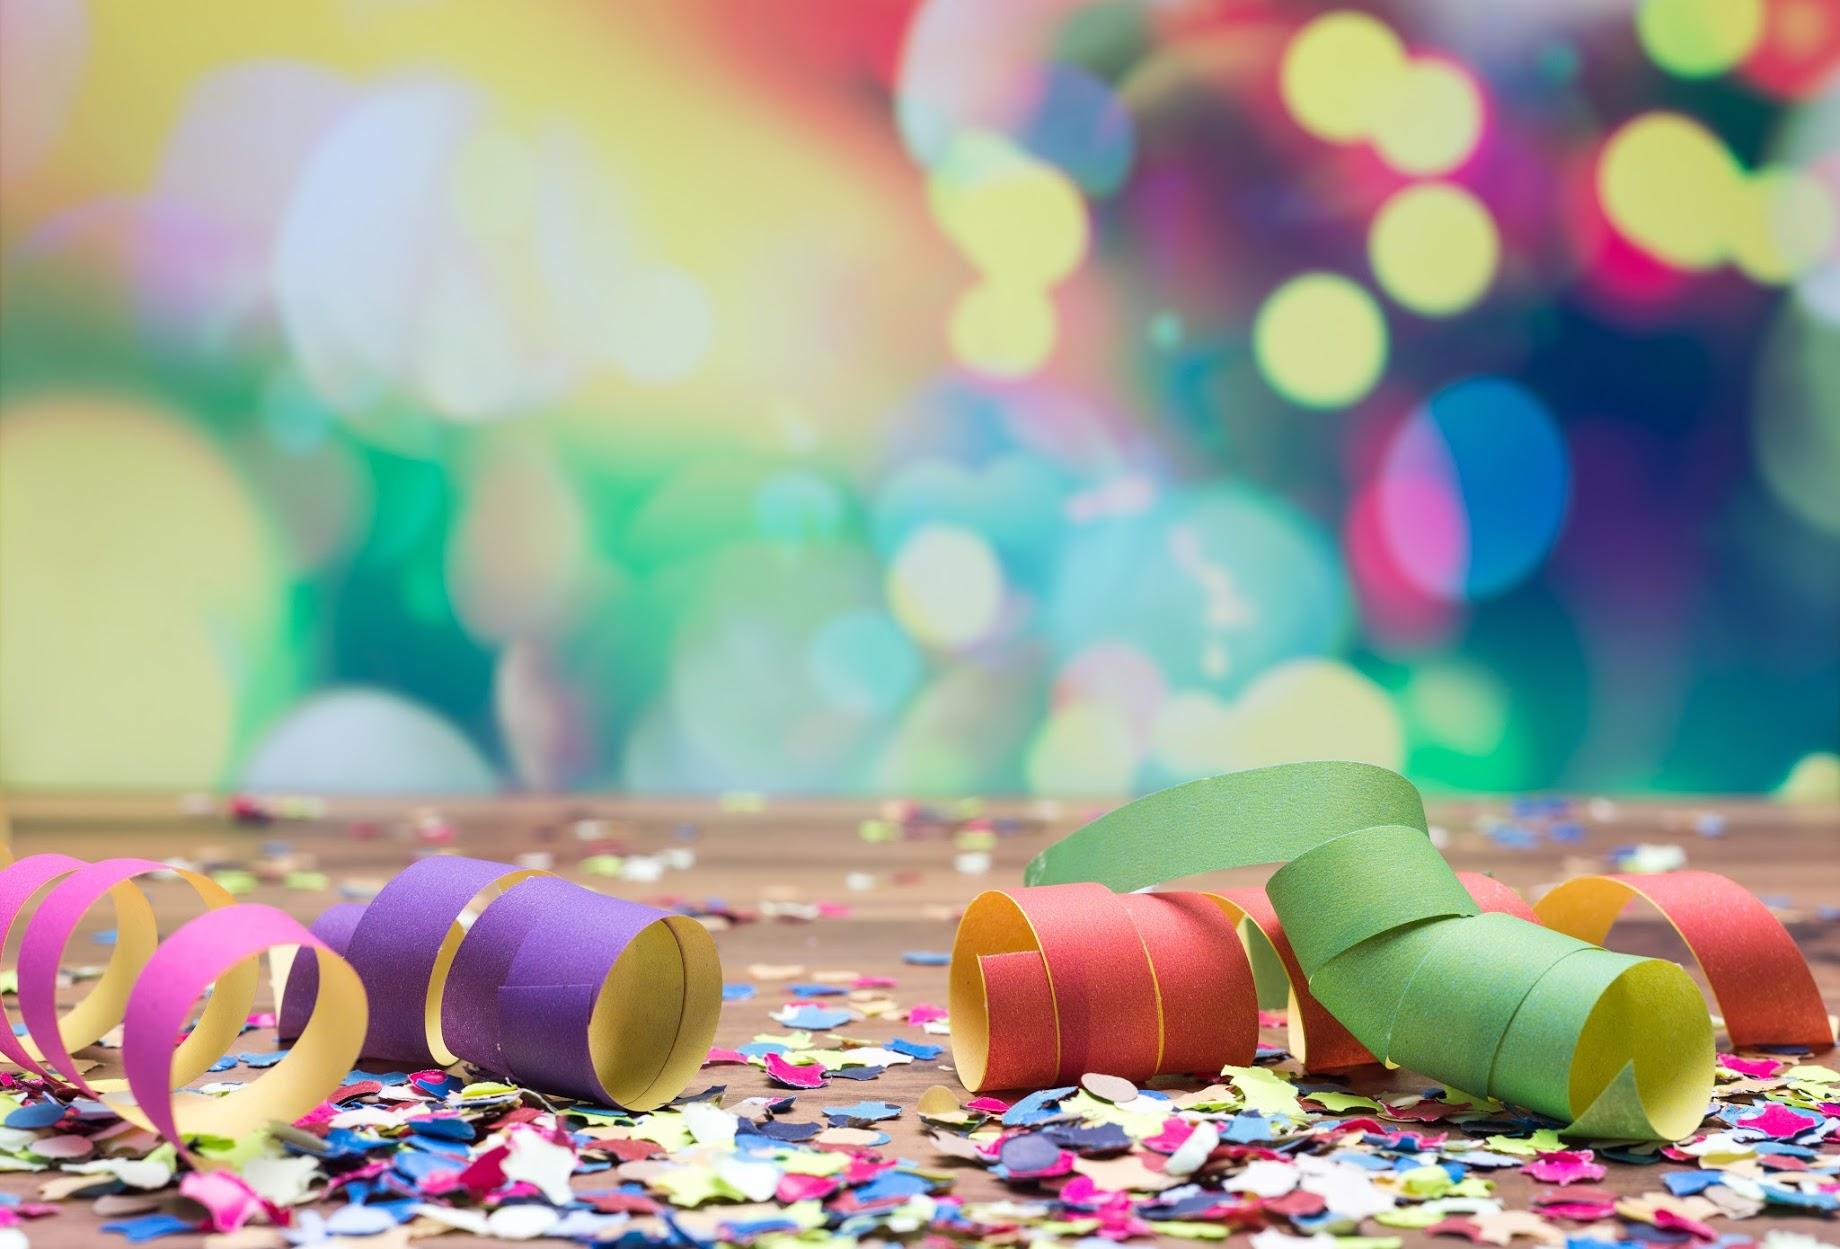 Festas permitem fuga das normas cotidianas